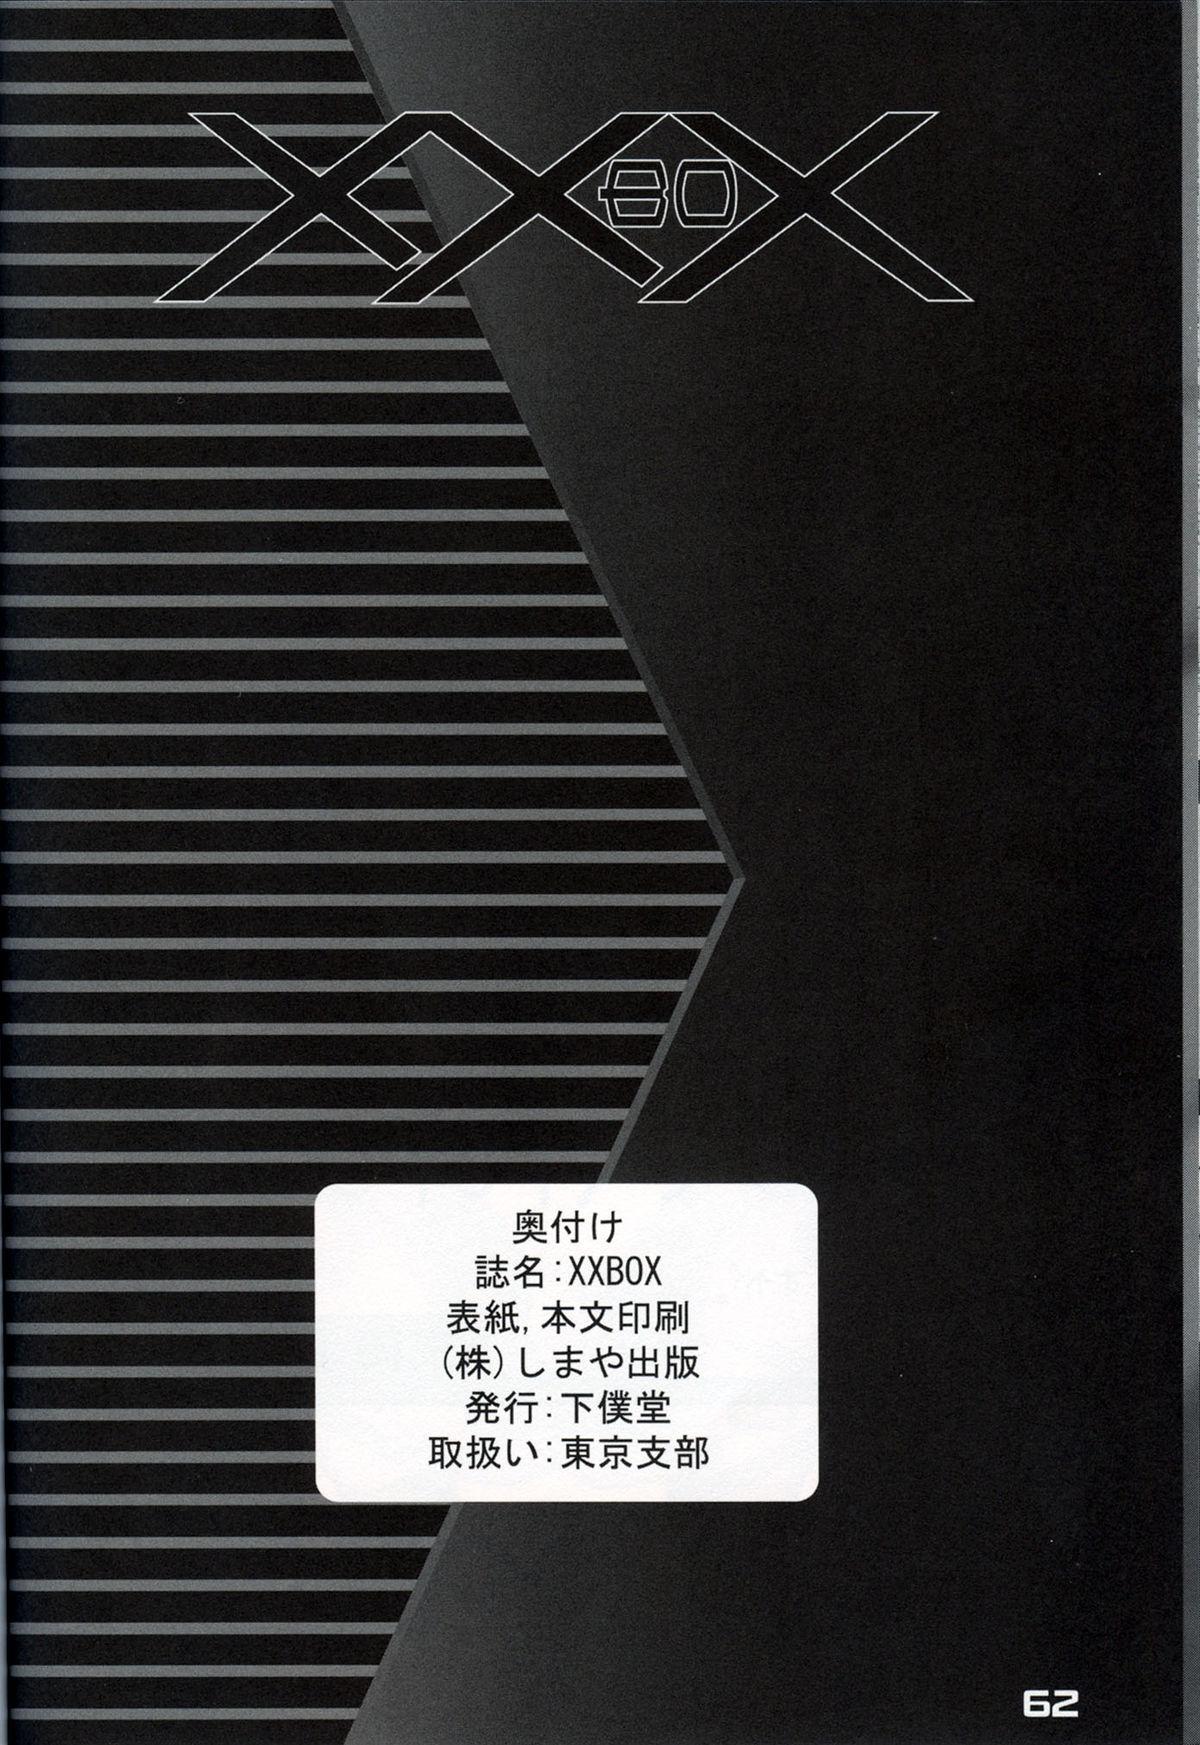 XXBOX 60